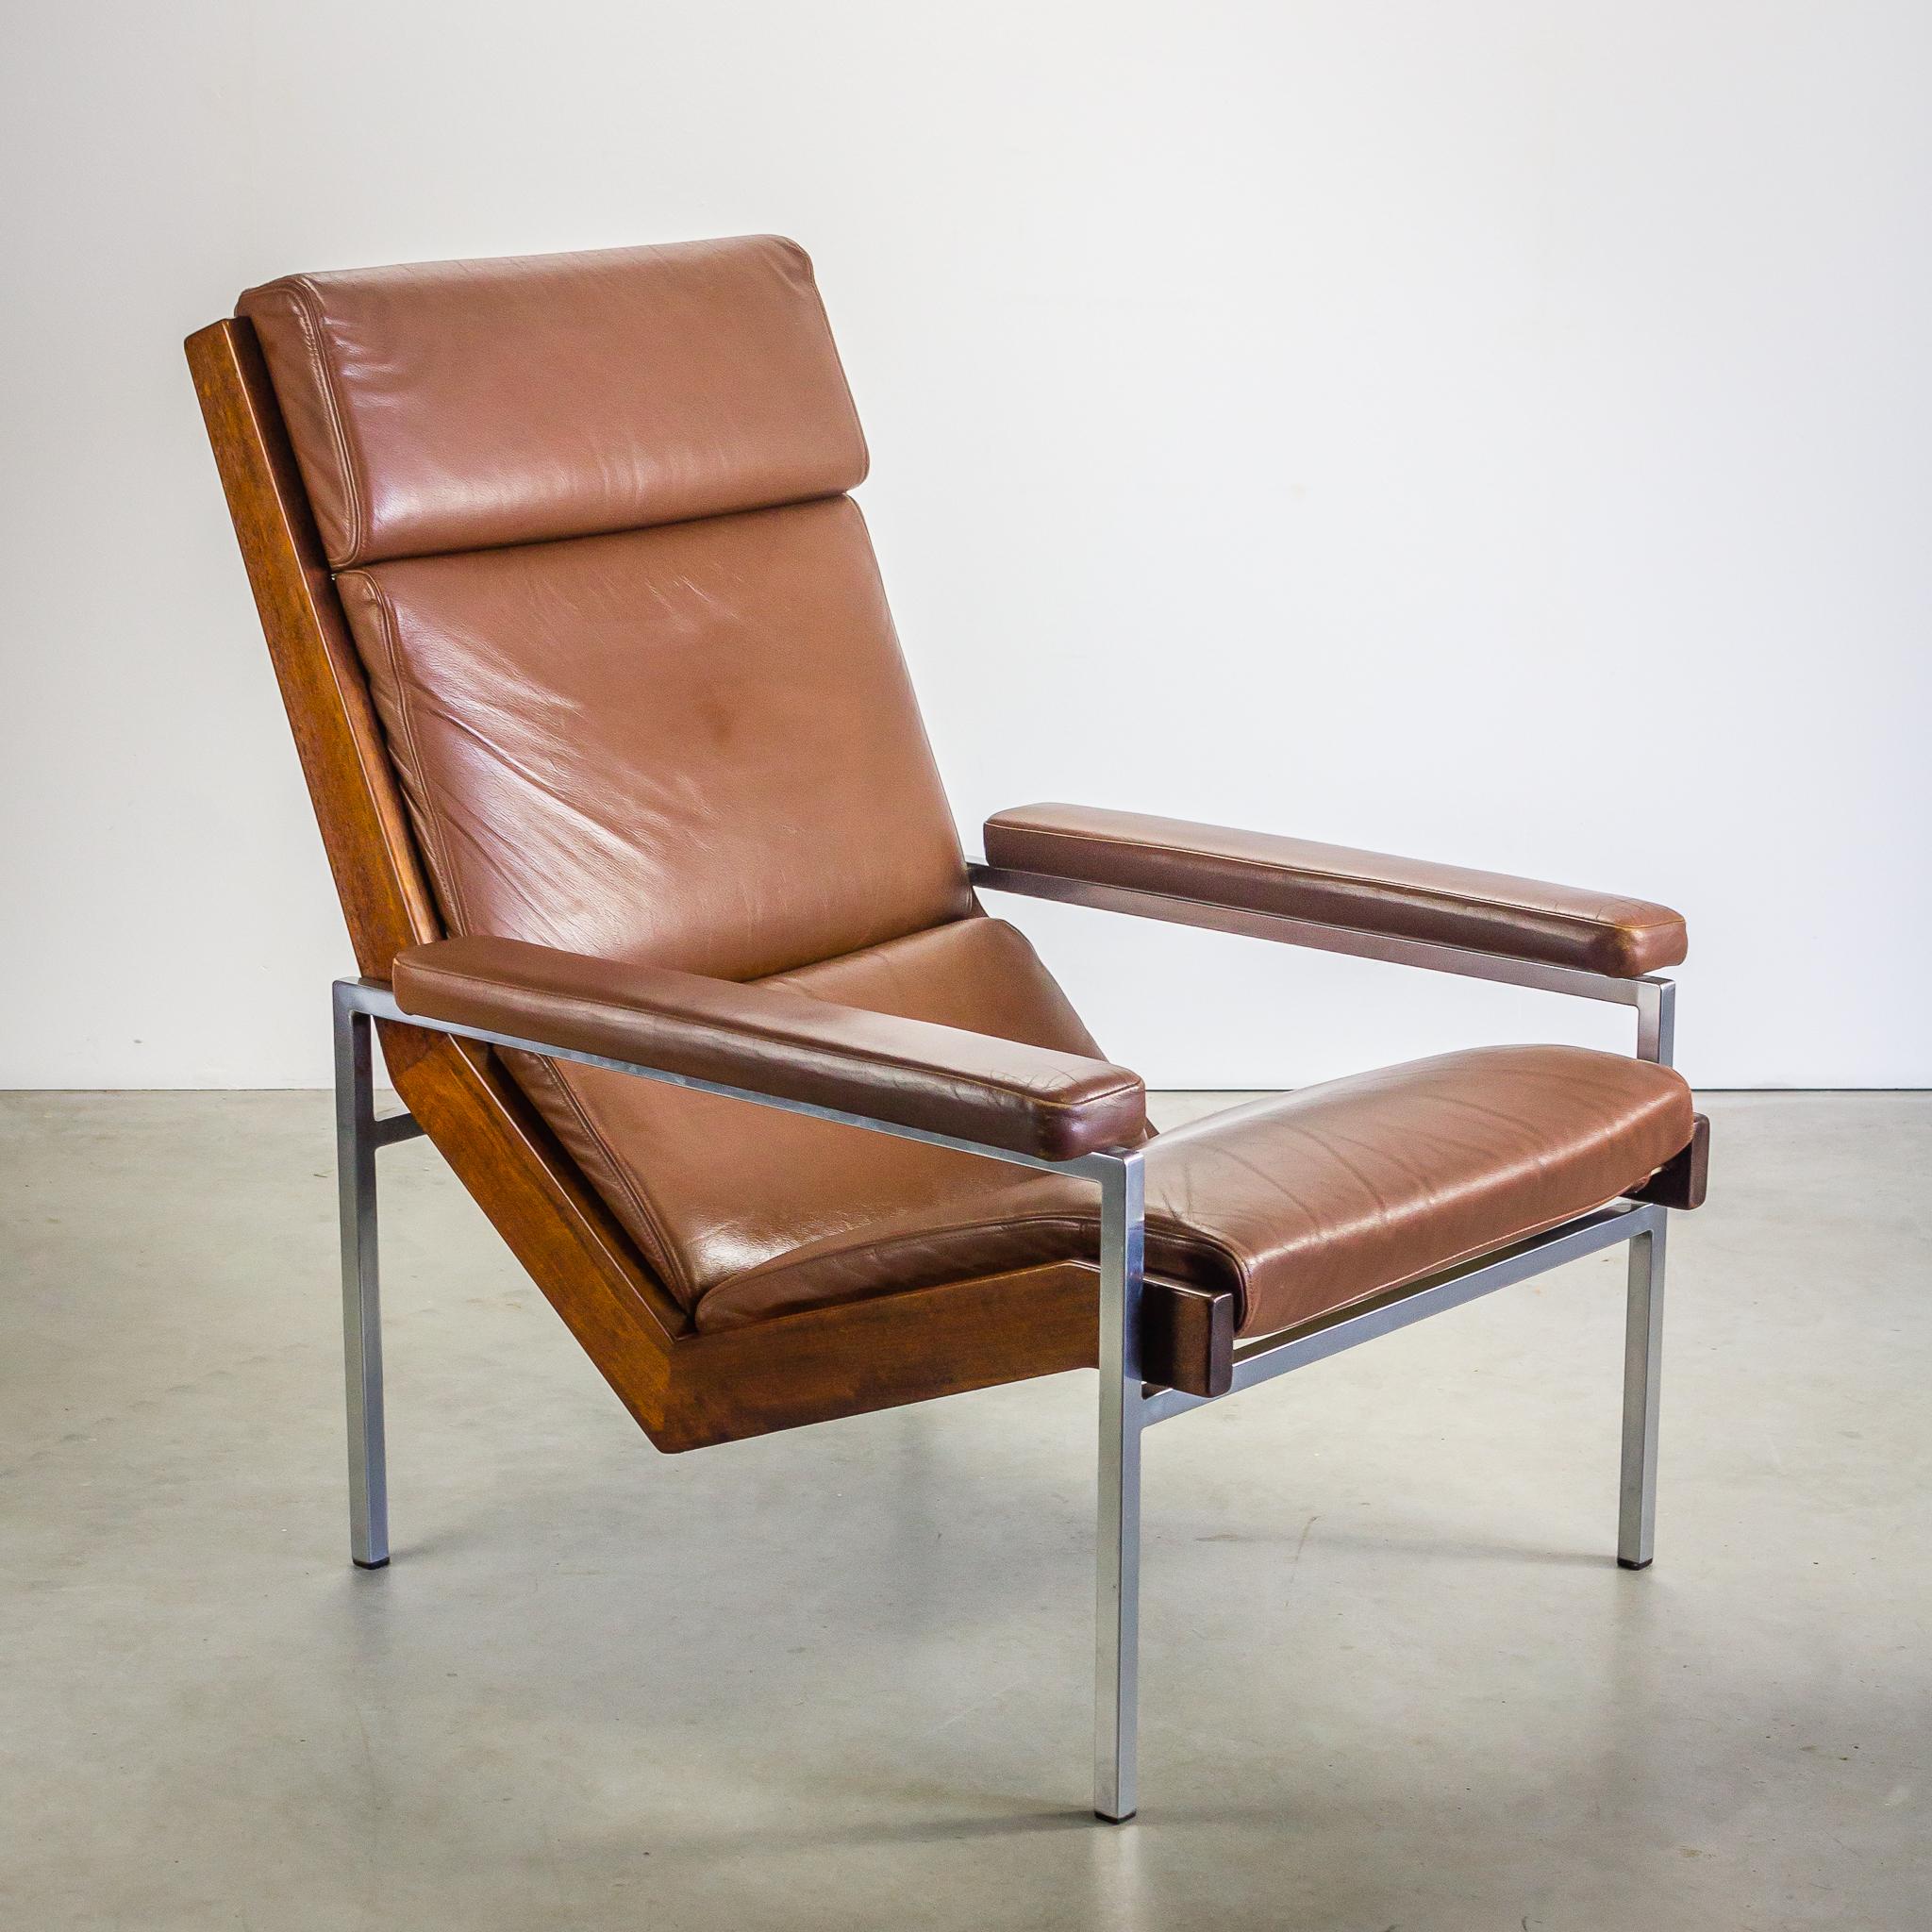 50 s rob parry fauteuil lotus bruin leder barbmama for Fauteuil retro design